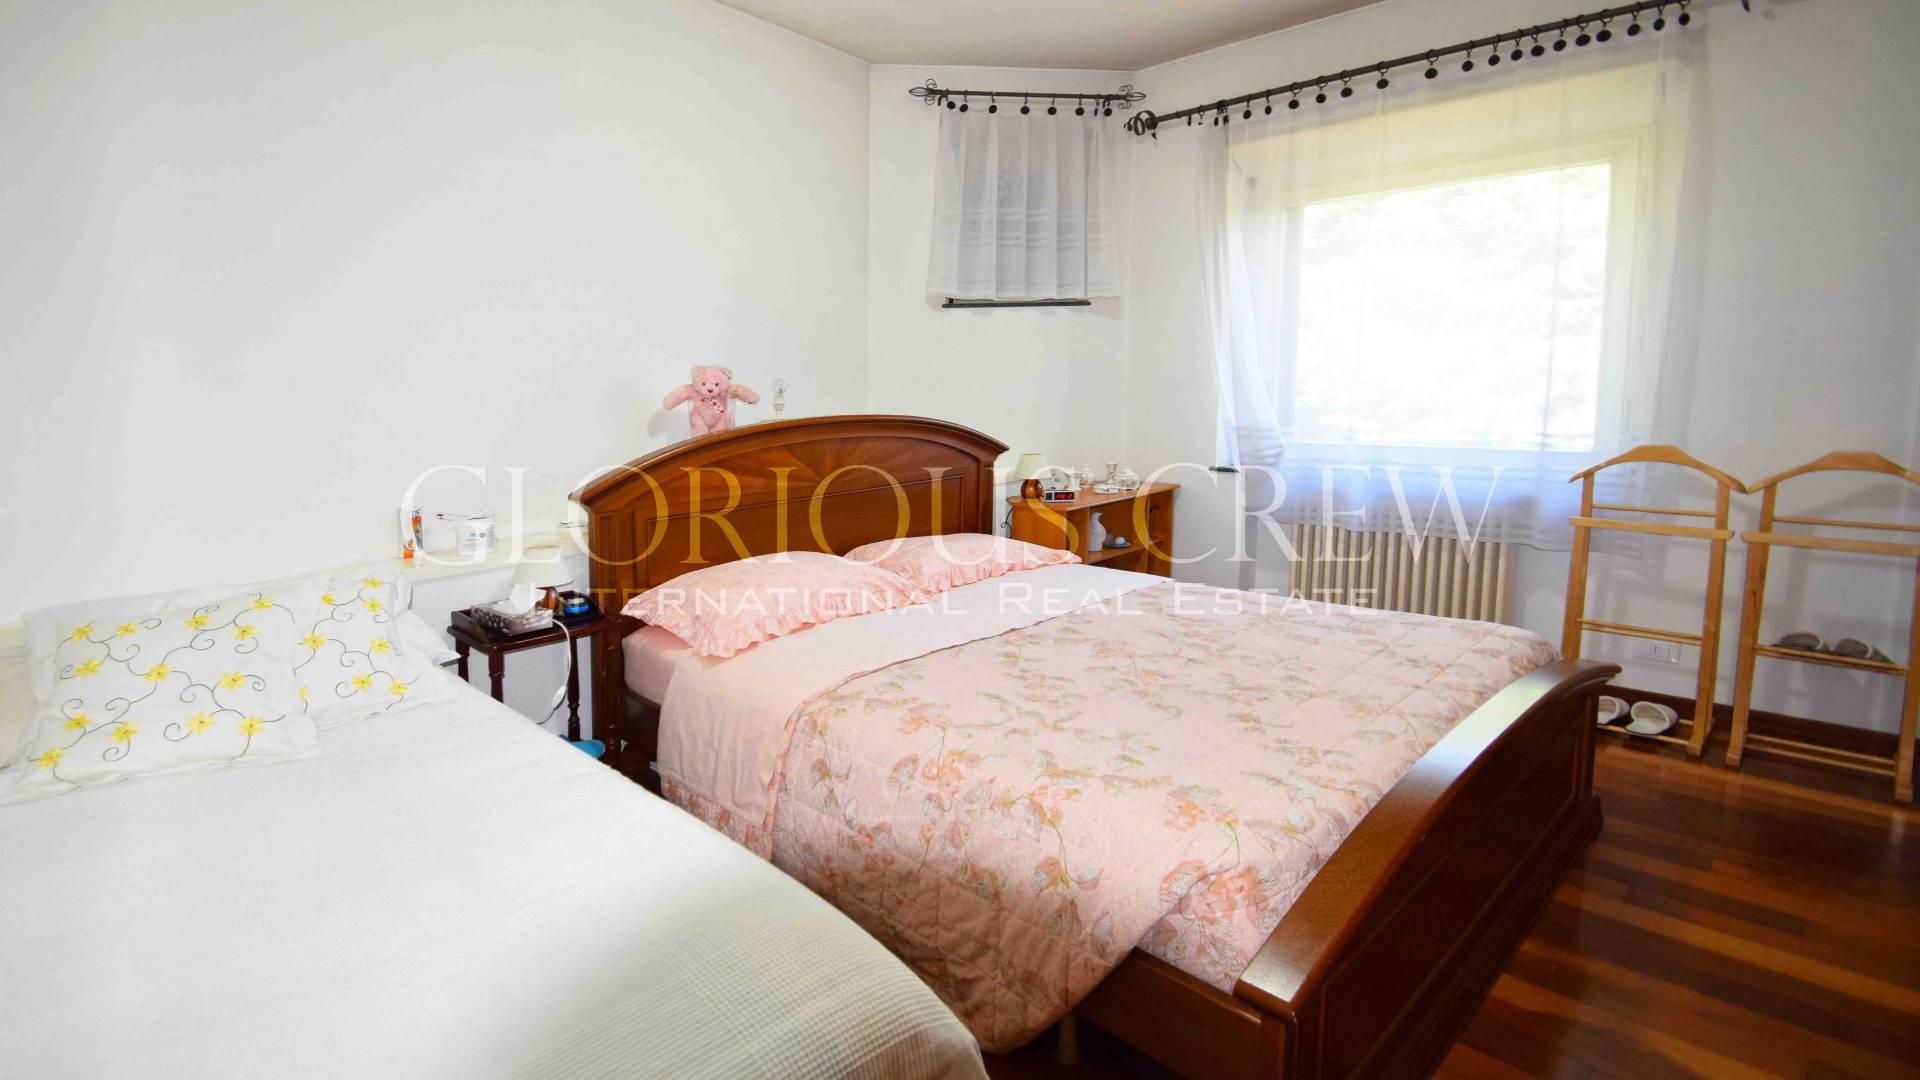 Appartamento in Vendita a Cassina Rizzardi: 4 locali, 155 mq - Foto 10